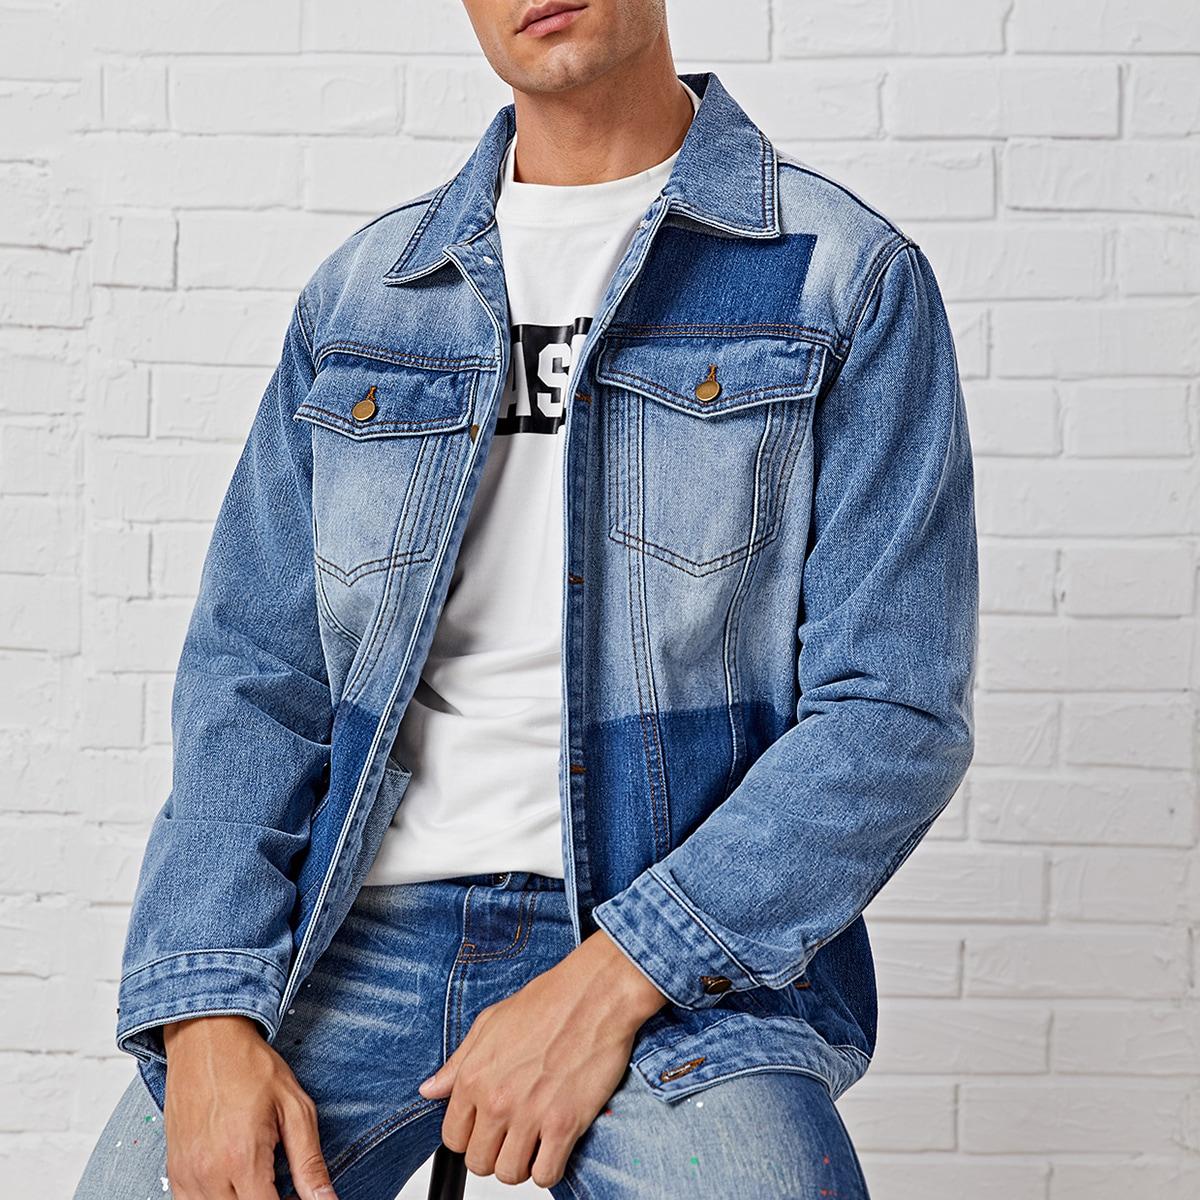 Мужская контрастная джинсовая куртка с пуговицами